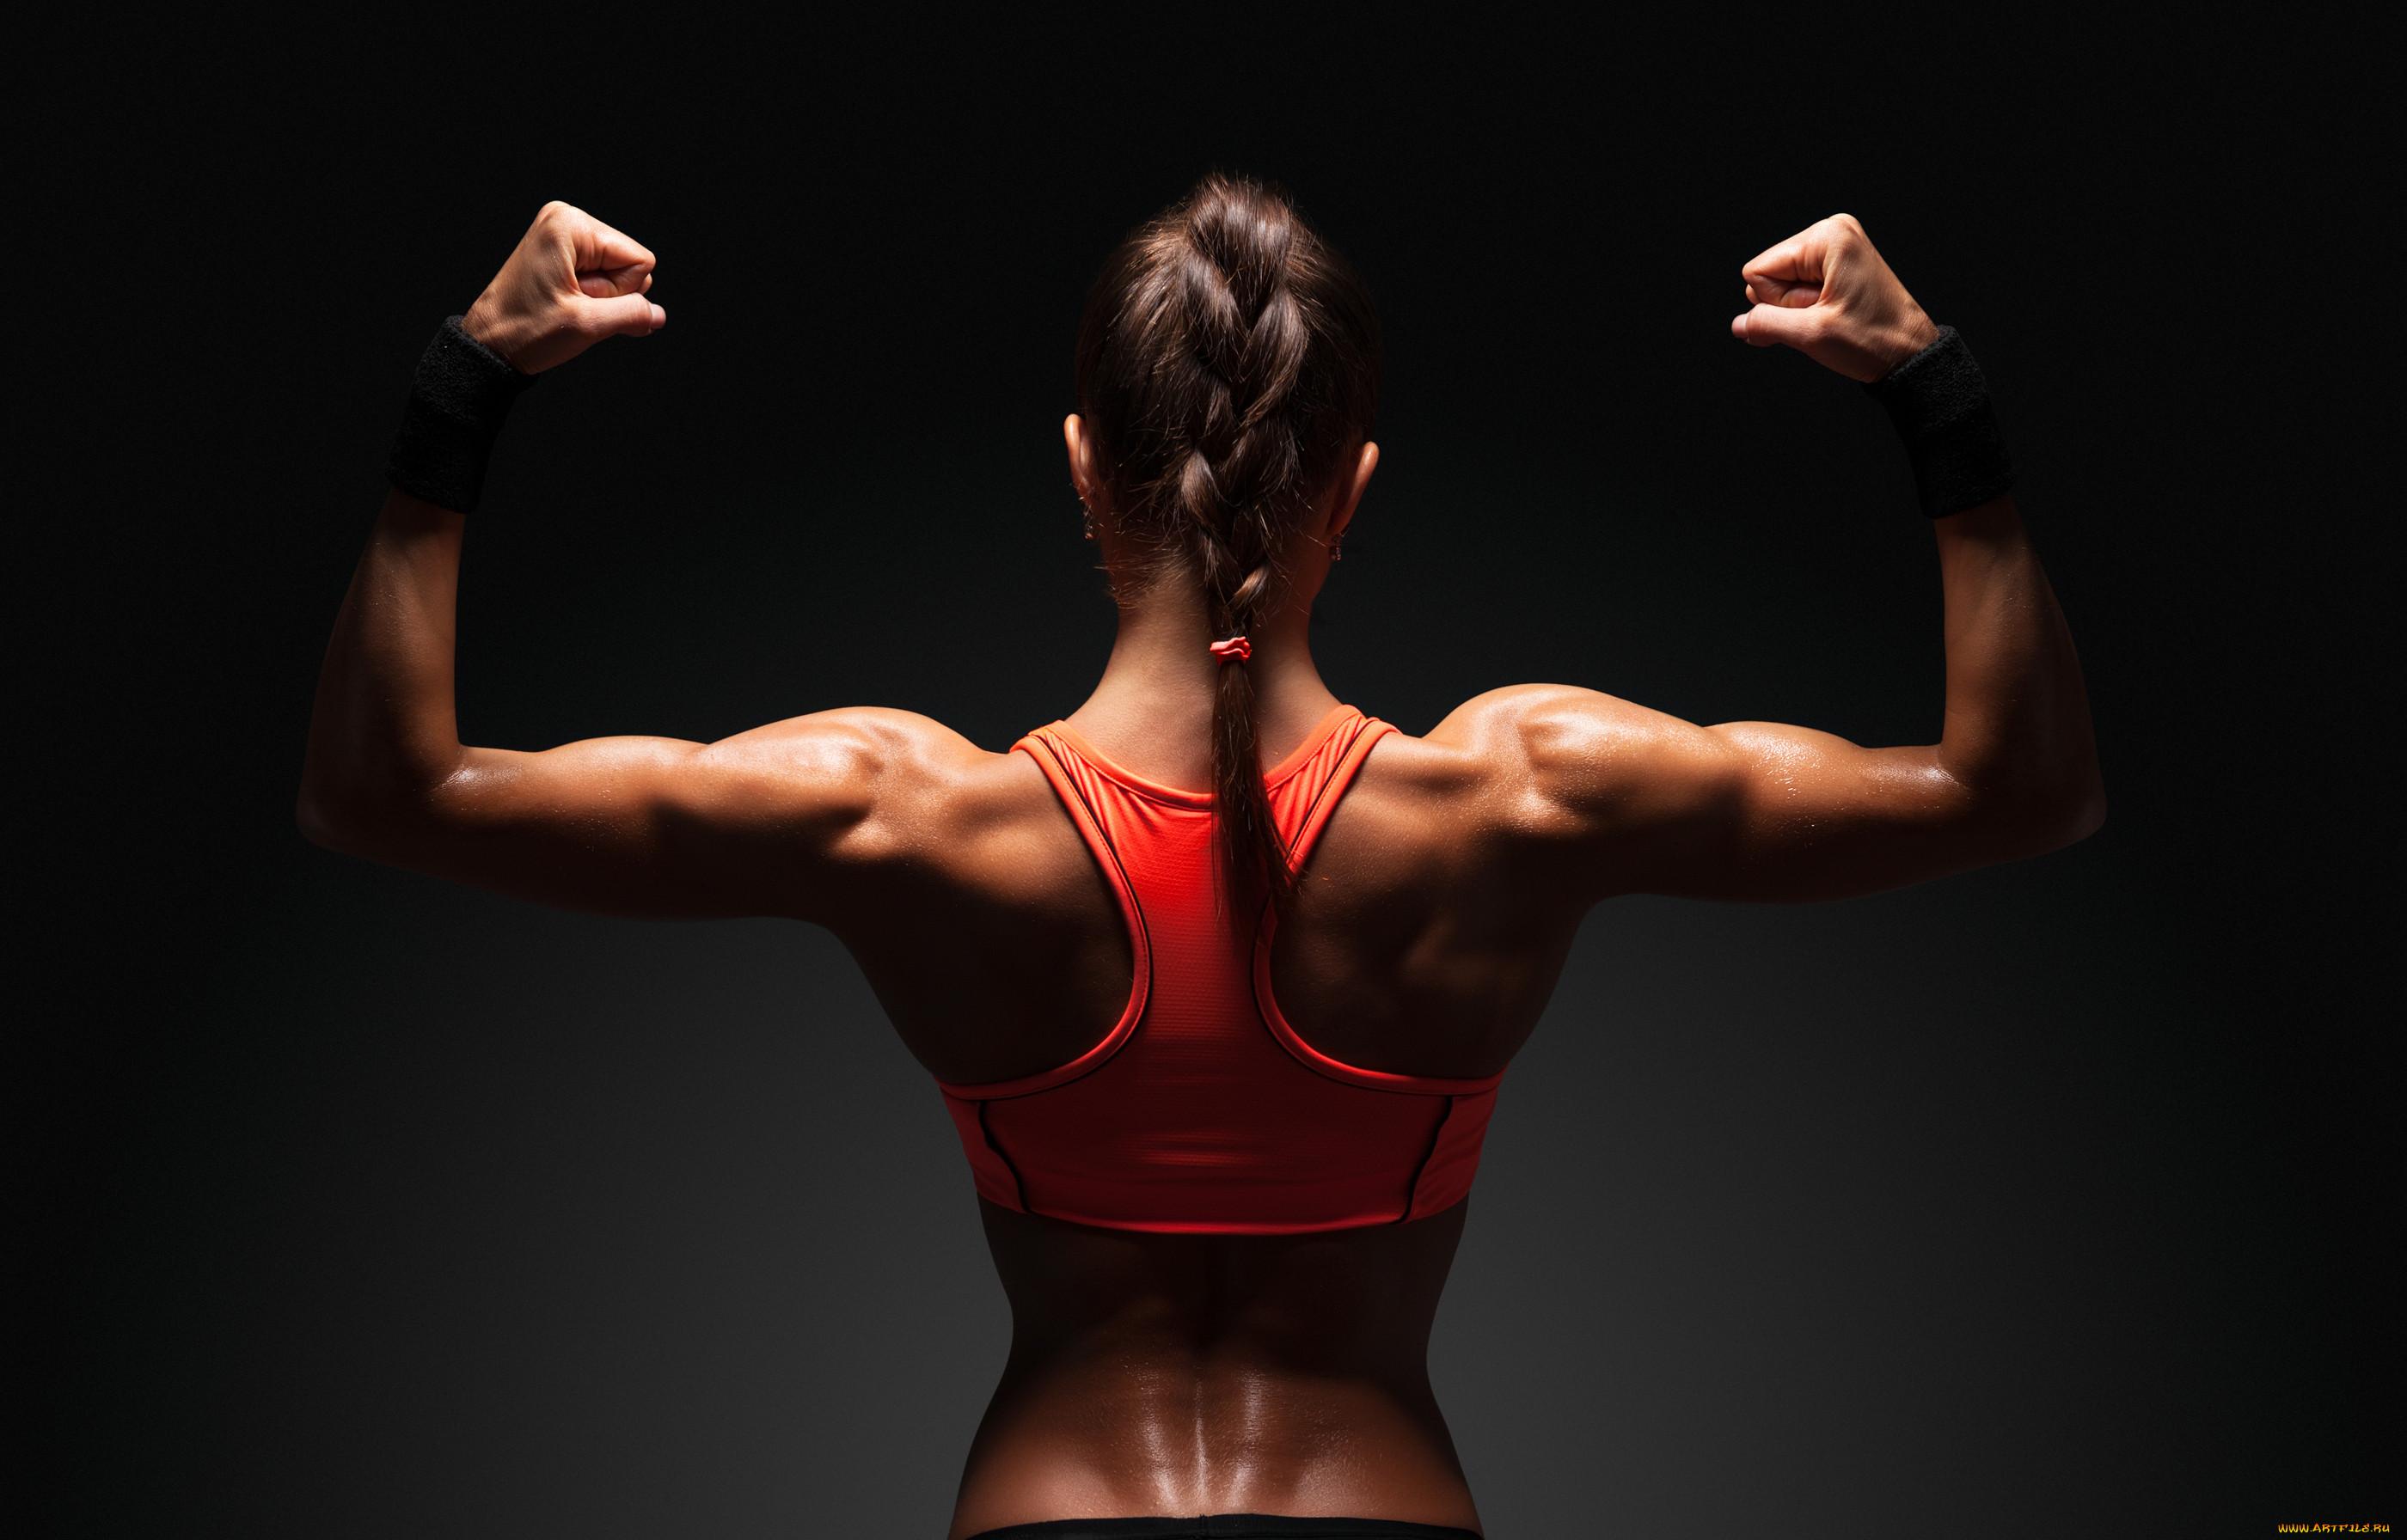 фото женской спортивной спины паре алексы